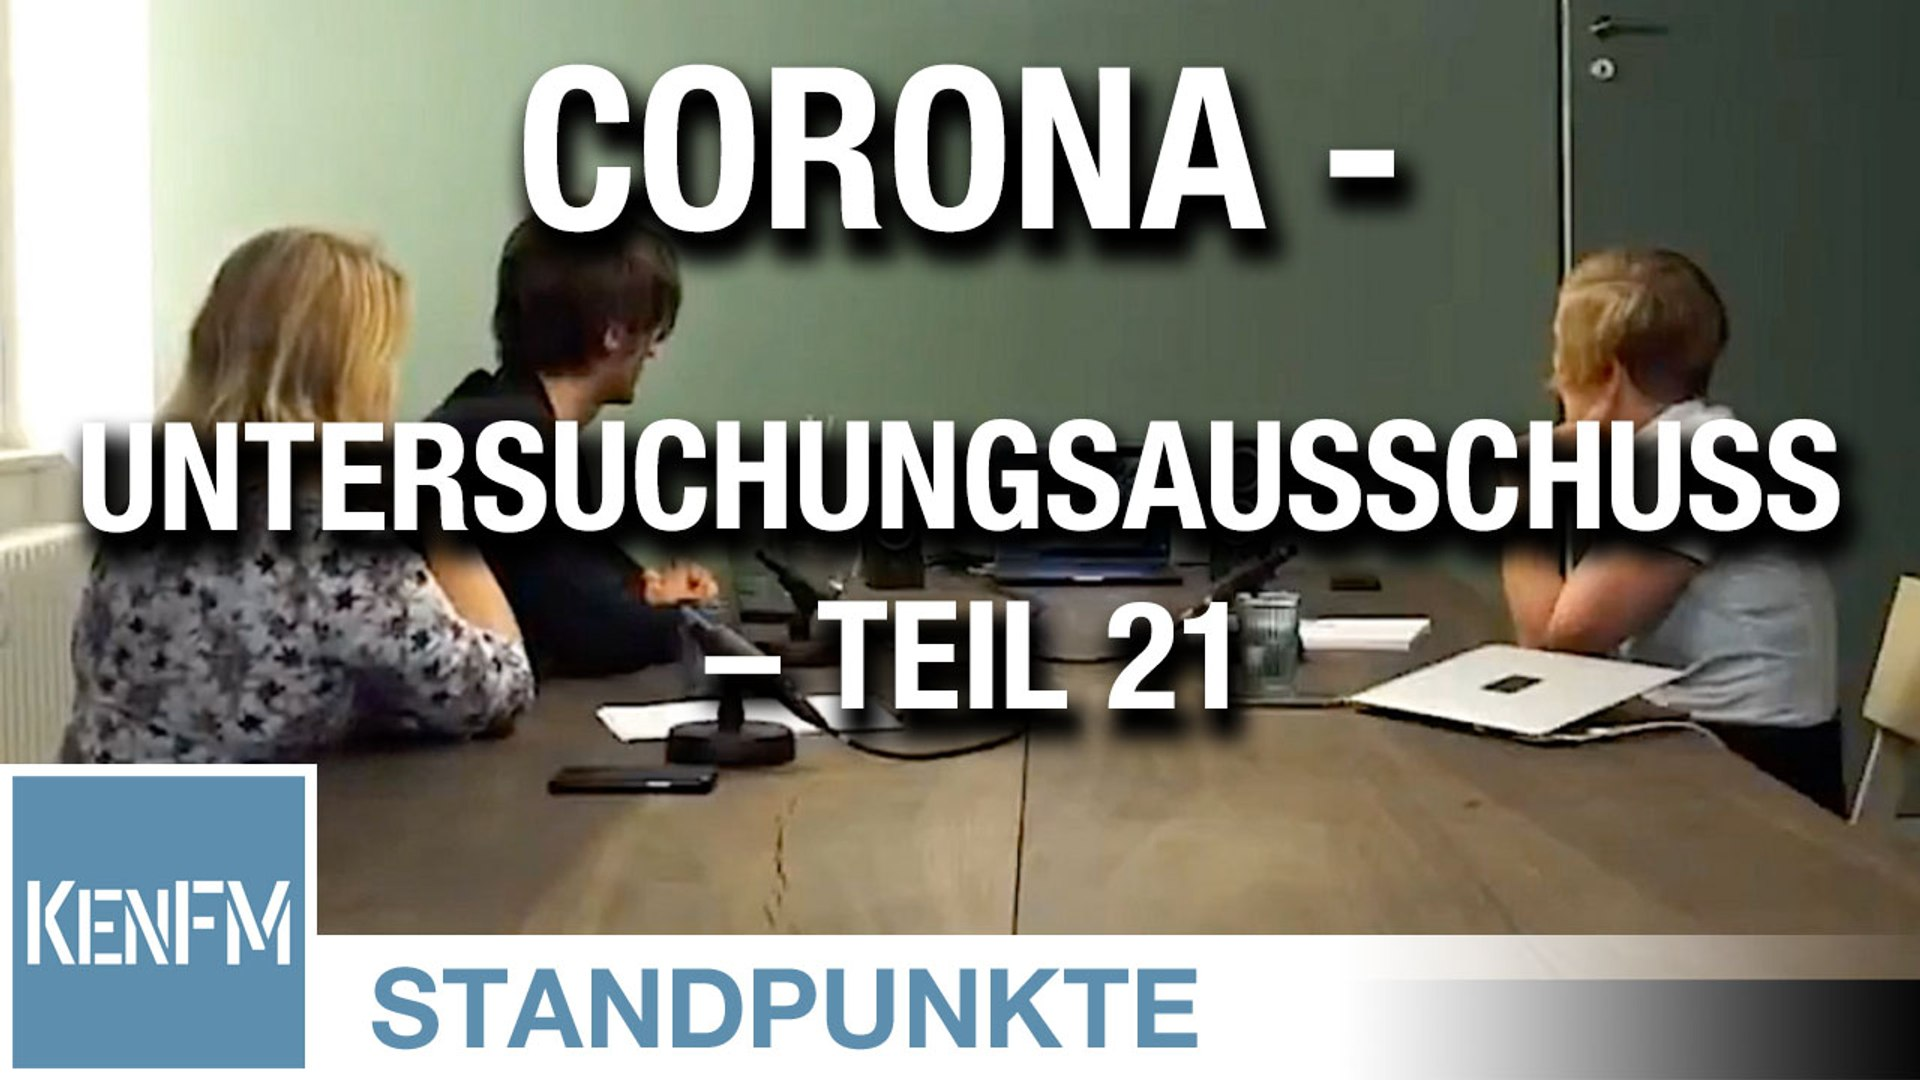 Corona-Untersuchungsausschuss – Teil 21